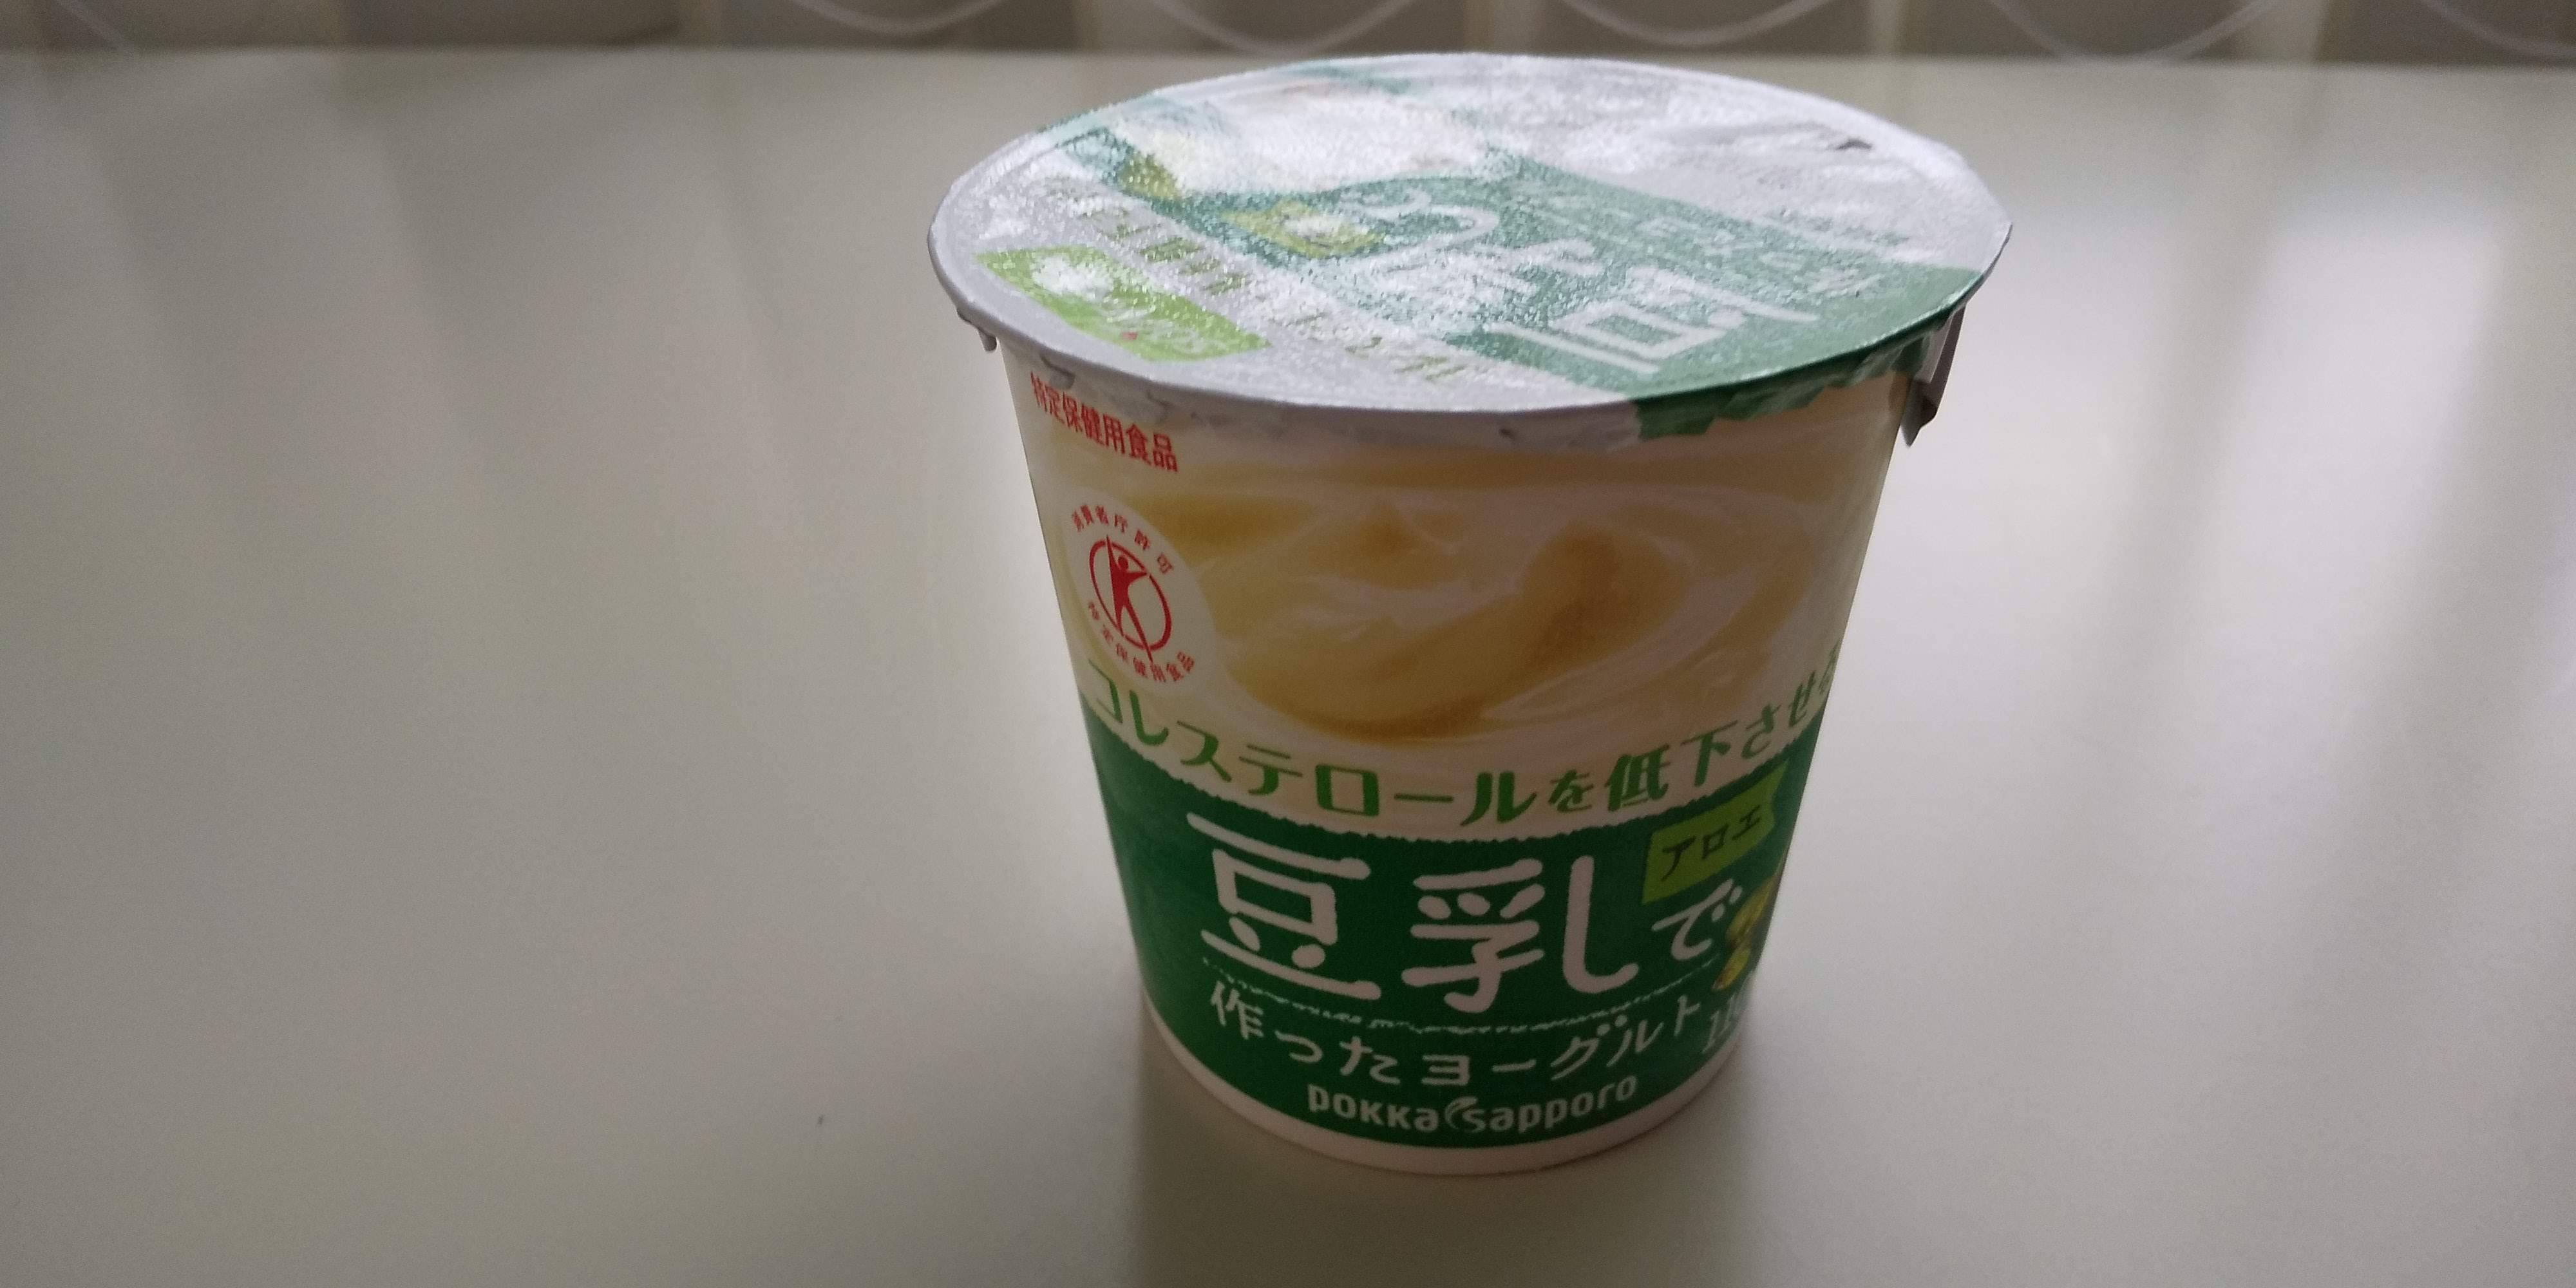 ポッカサッポロ『豆乳で作ったヨーグルトアロエ』